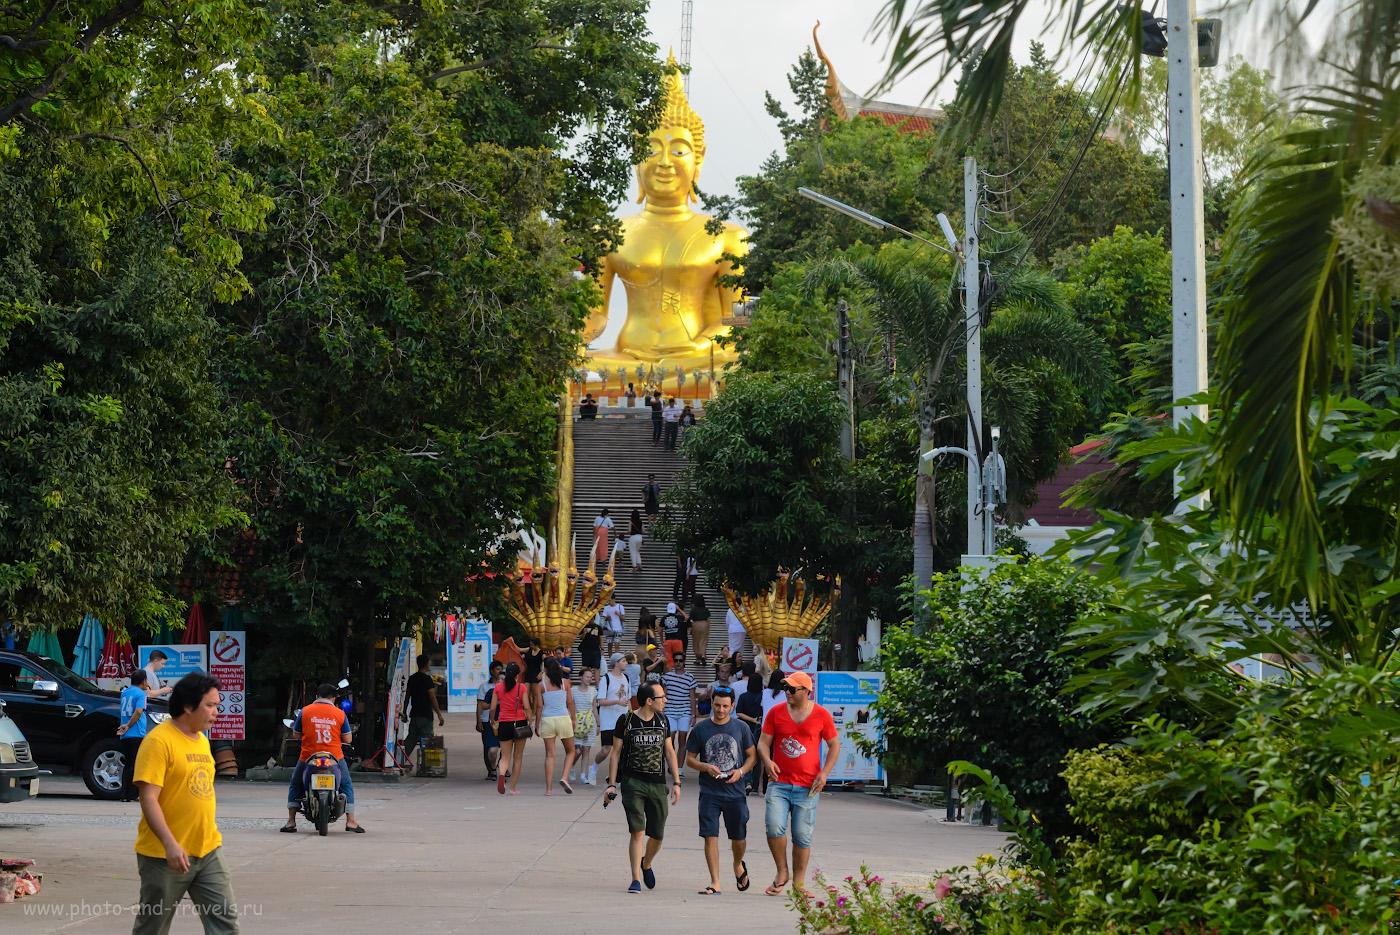 Фото 21. Большой Будда на холме Пратамнак в Паттайе – наверное, самый известный монумент курорта. 1/250, -0.67, 8.0, 2200, 110.